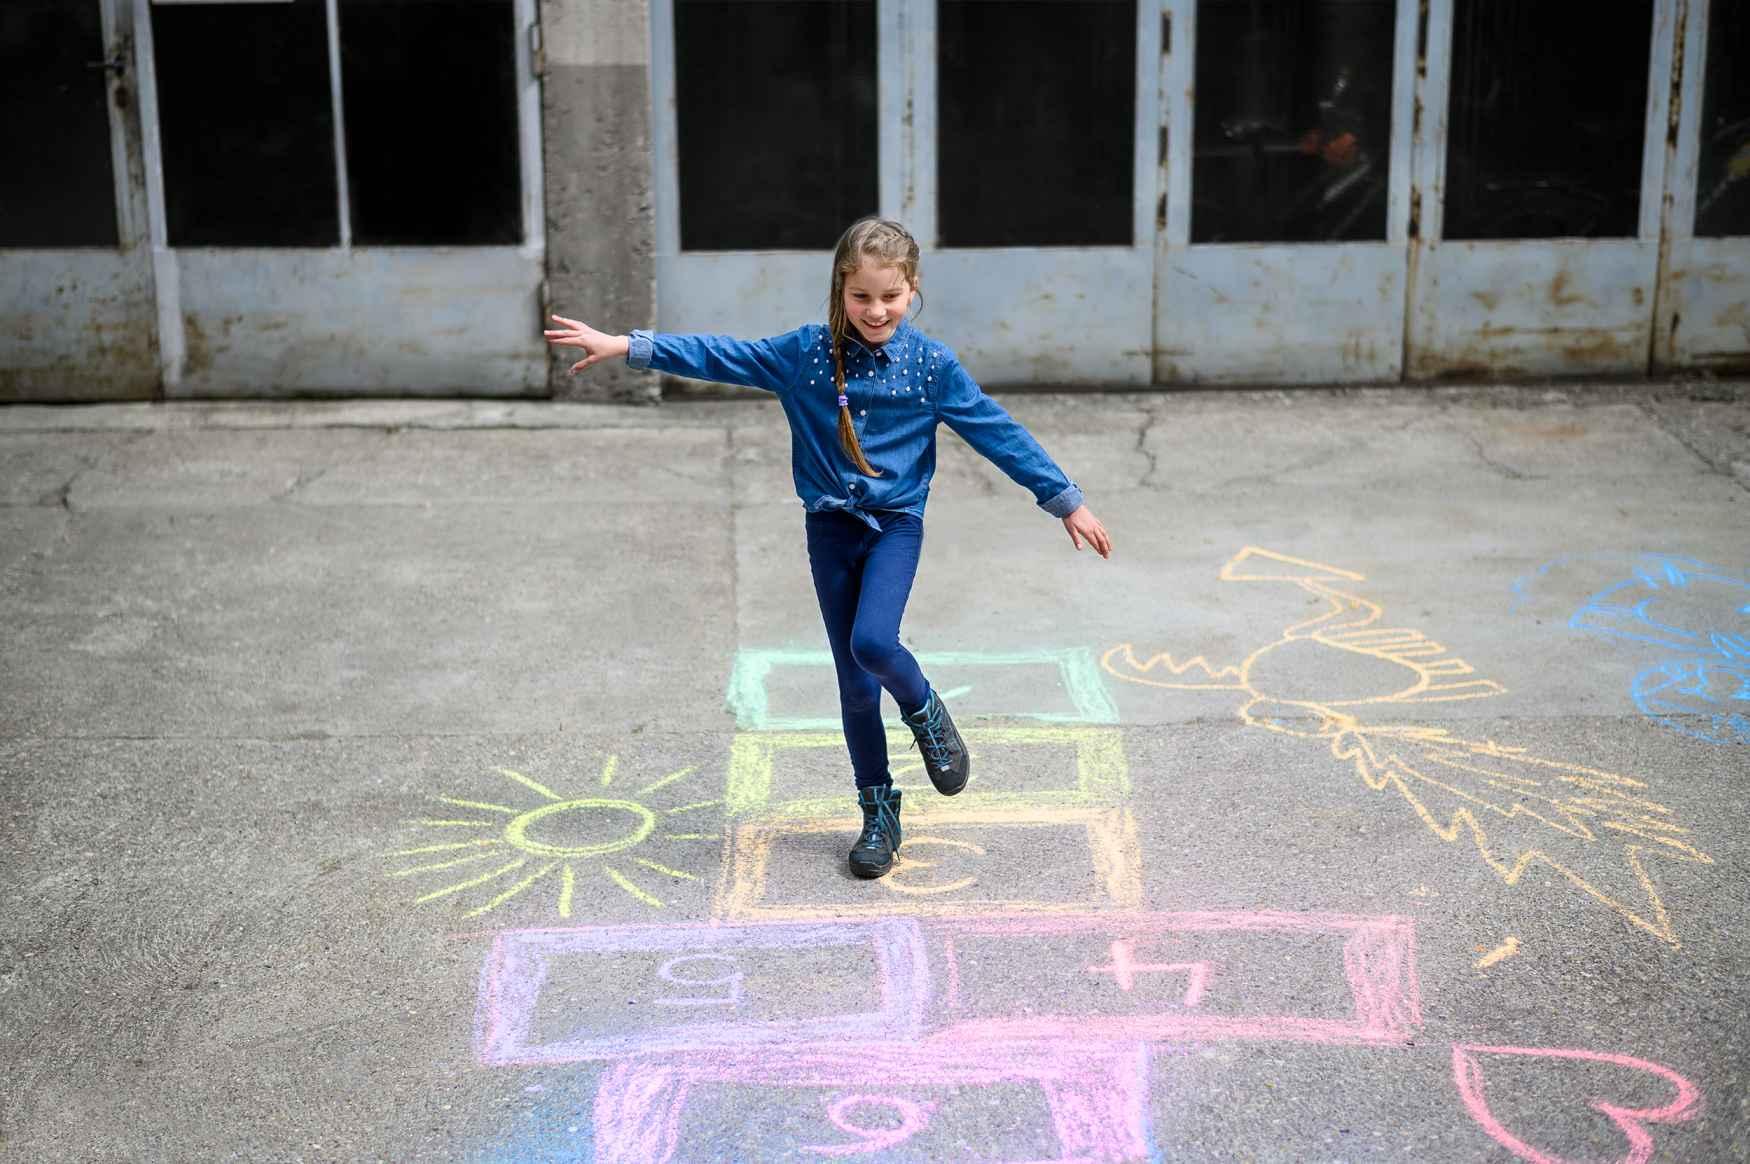 Lichte wandeltochten op verharde wegen, maar ook de bijzondere eisen die de dagelijkse activiteiten van kinderen stellen, zijn het speelterrein van deze sportieve kinder-outdoorschoenen. De dynamische look is sterk gericht op de approachschoenen van volwassenen. Uitgerust met talrijke functies wordt met de APPROACH GTX MID JUNIOR elke dag een avontuur.